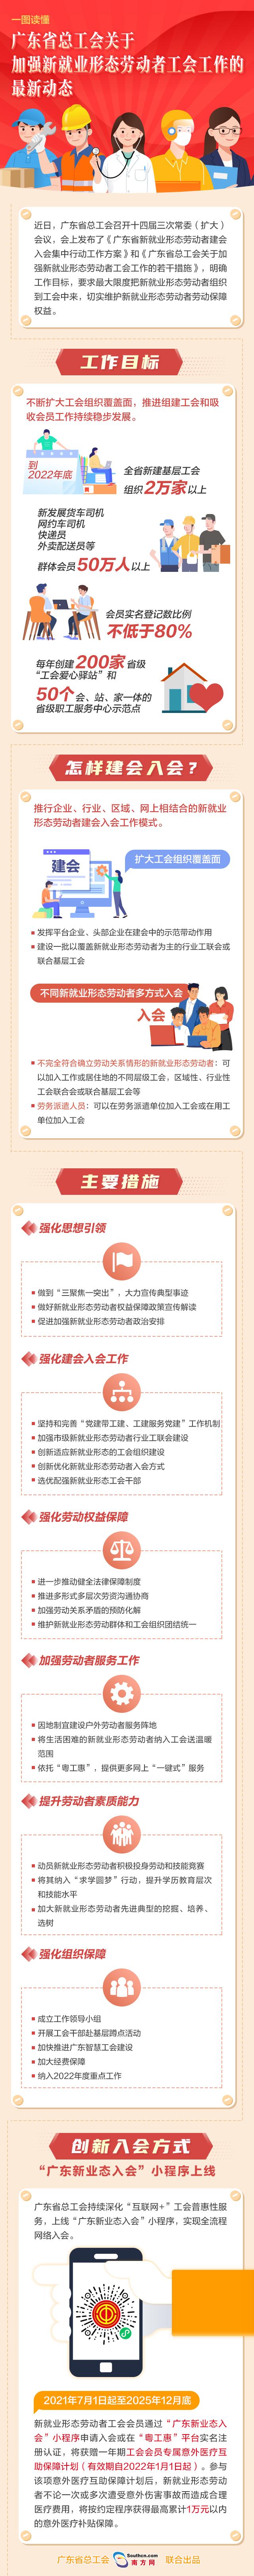 210922一图读懂  广东省总工会关于加强新就业形态劳动者工会工作的最新动态.jpg